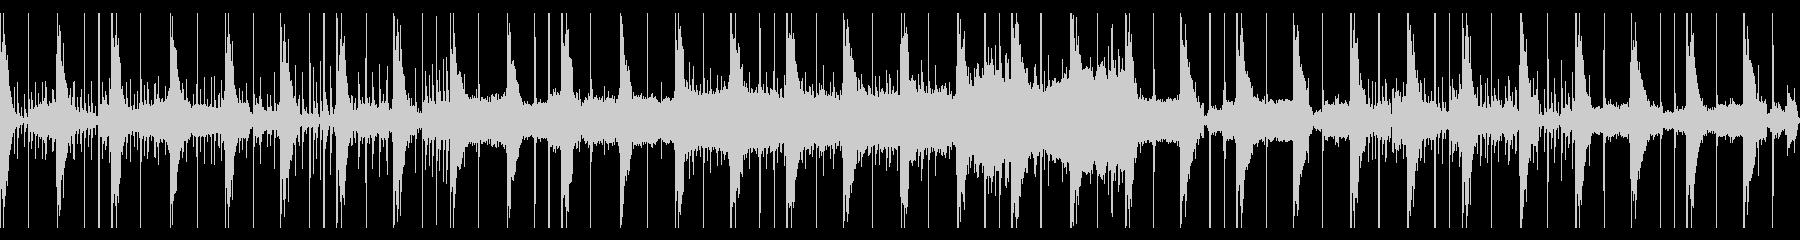 8bitのSEがカオスなエレクトロニカの未再生の波形